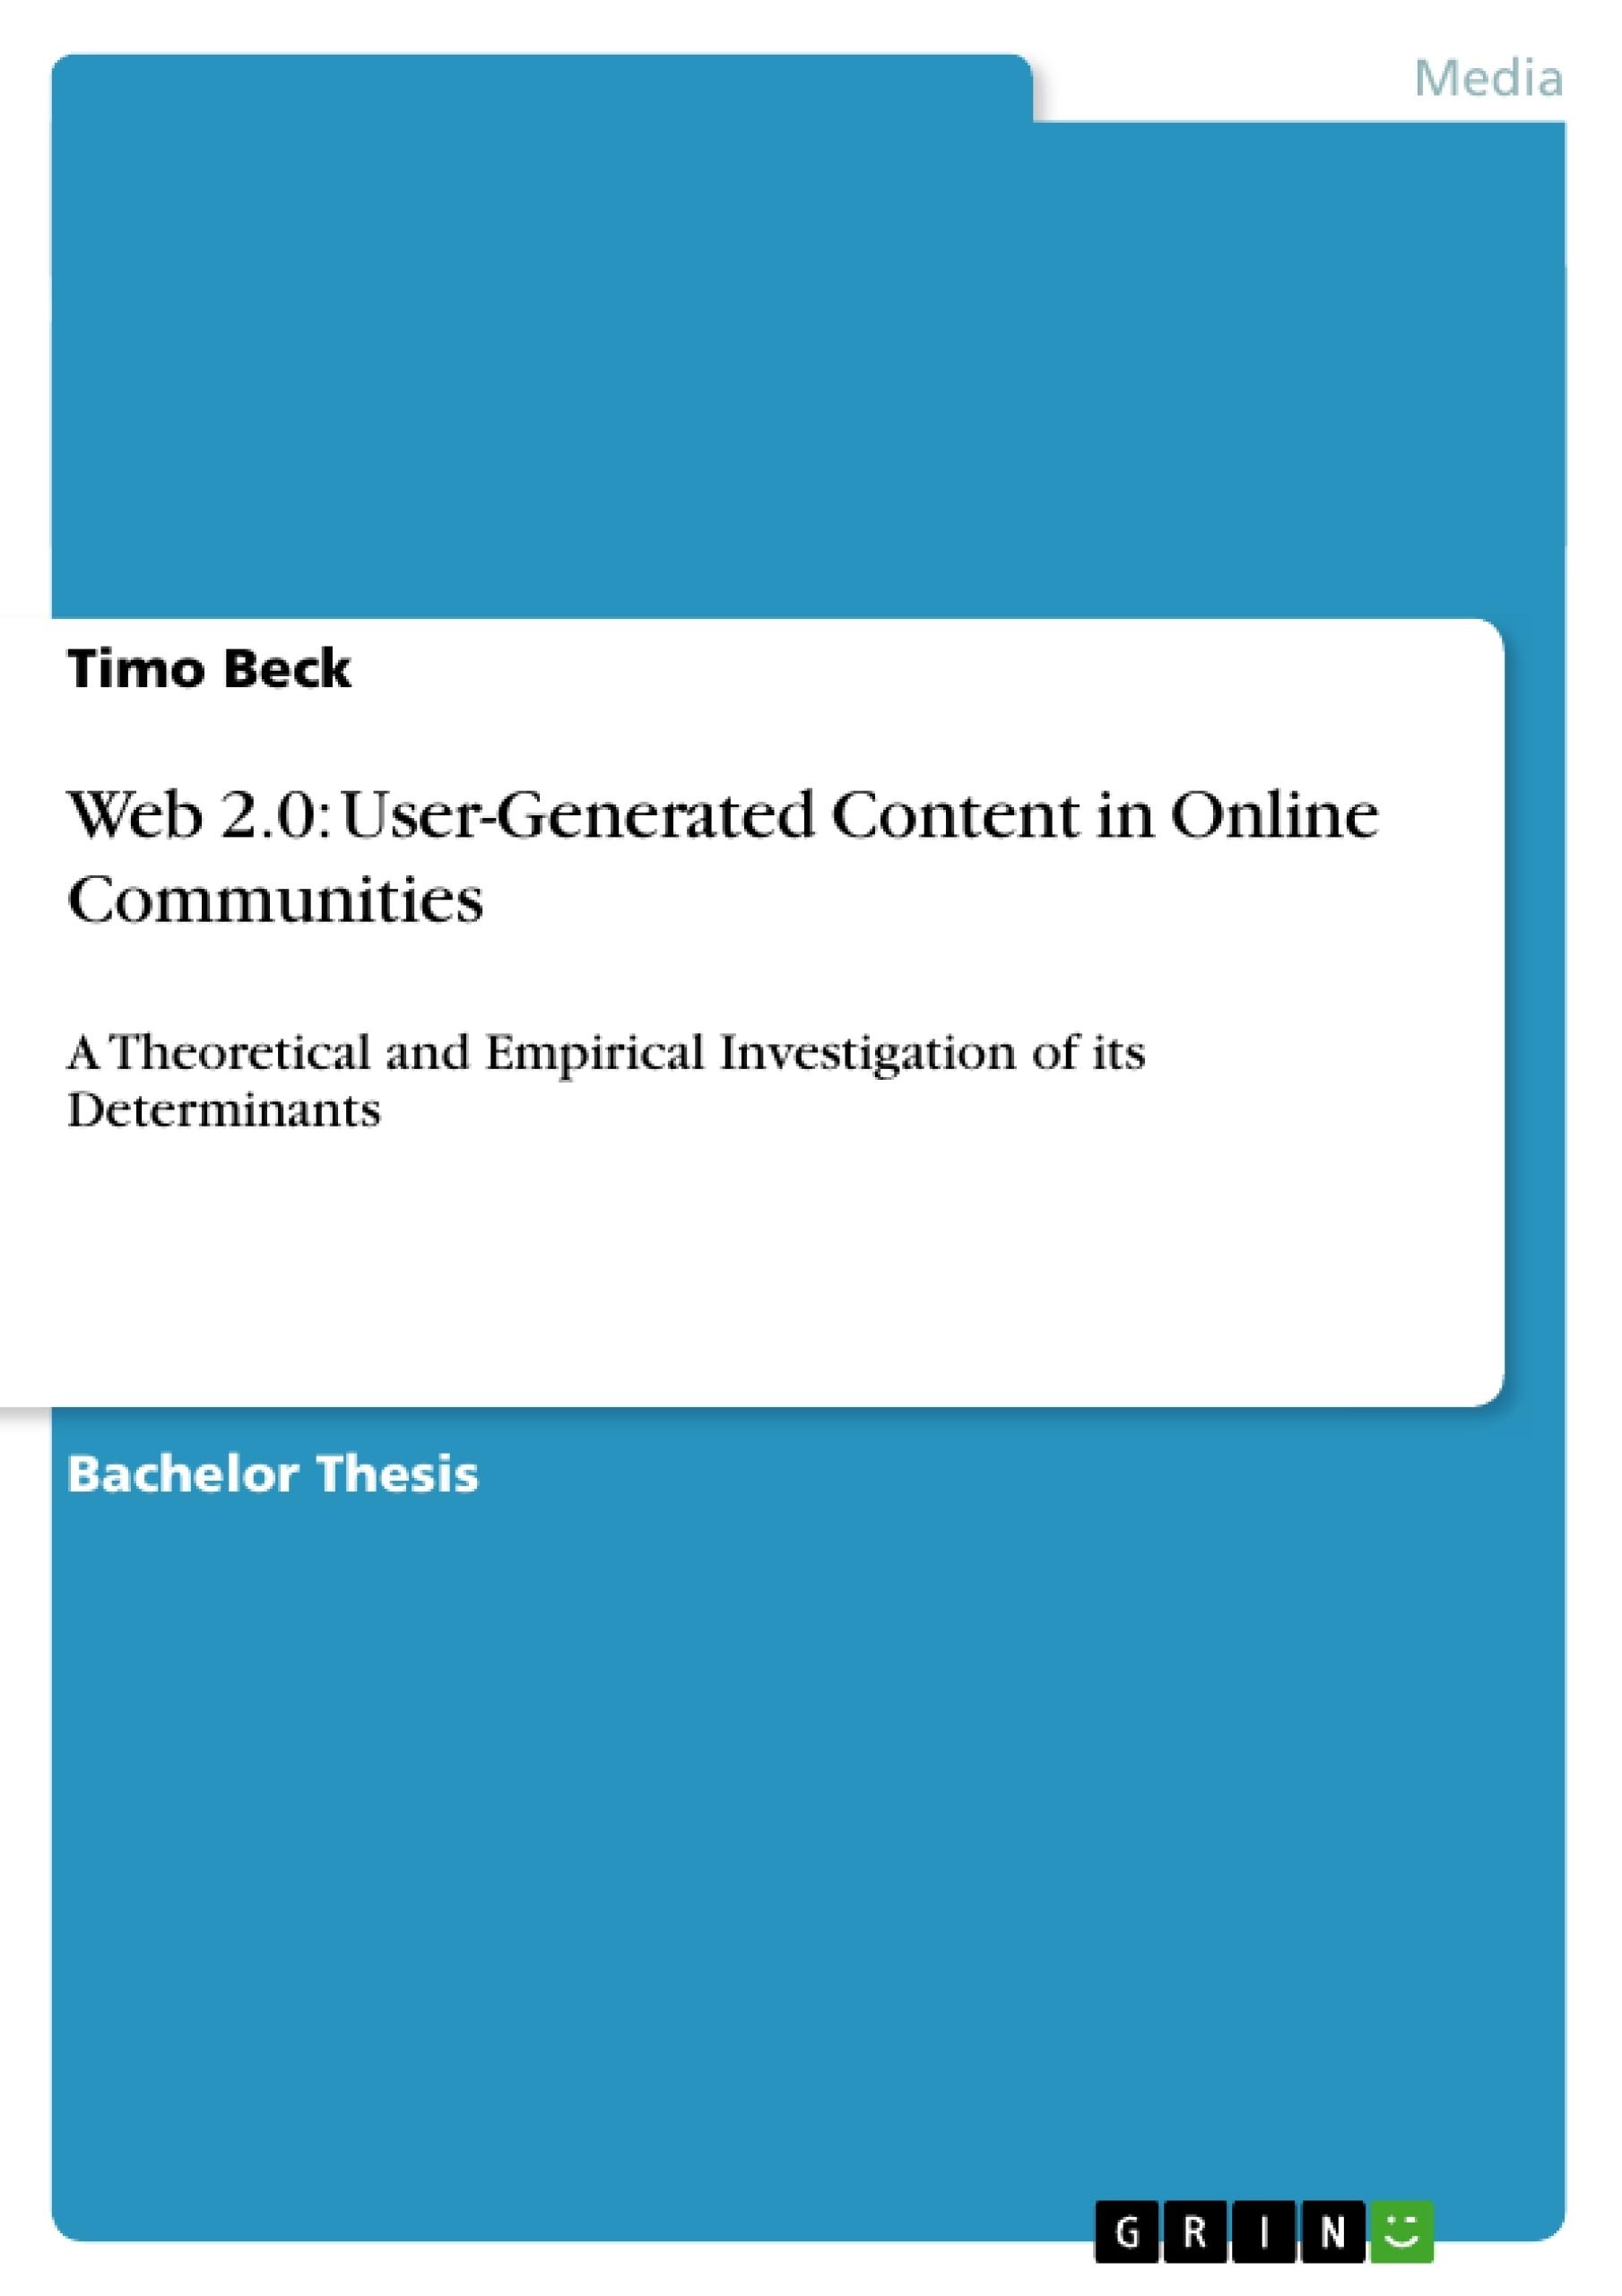 online communities essay